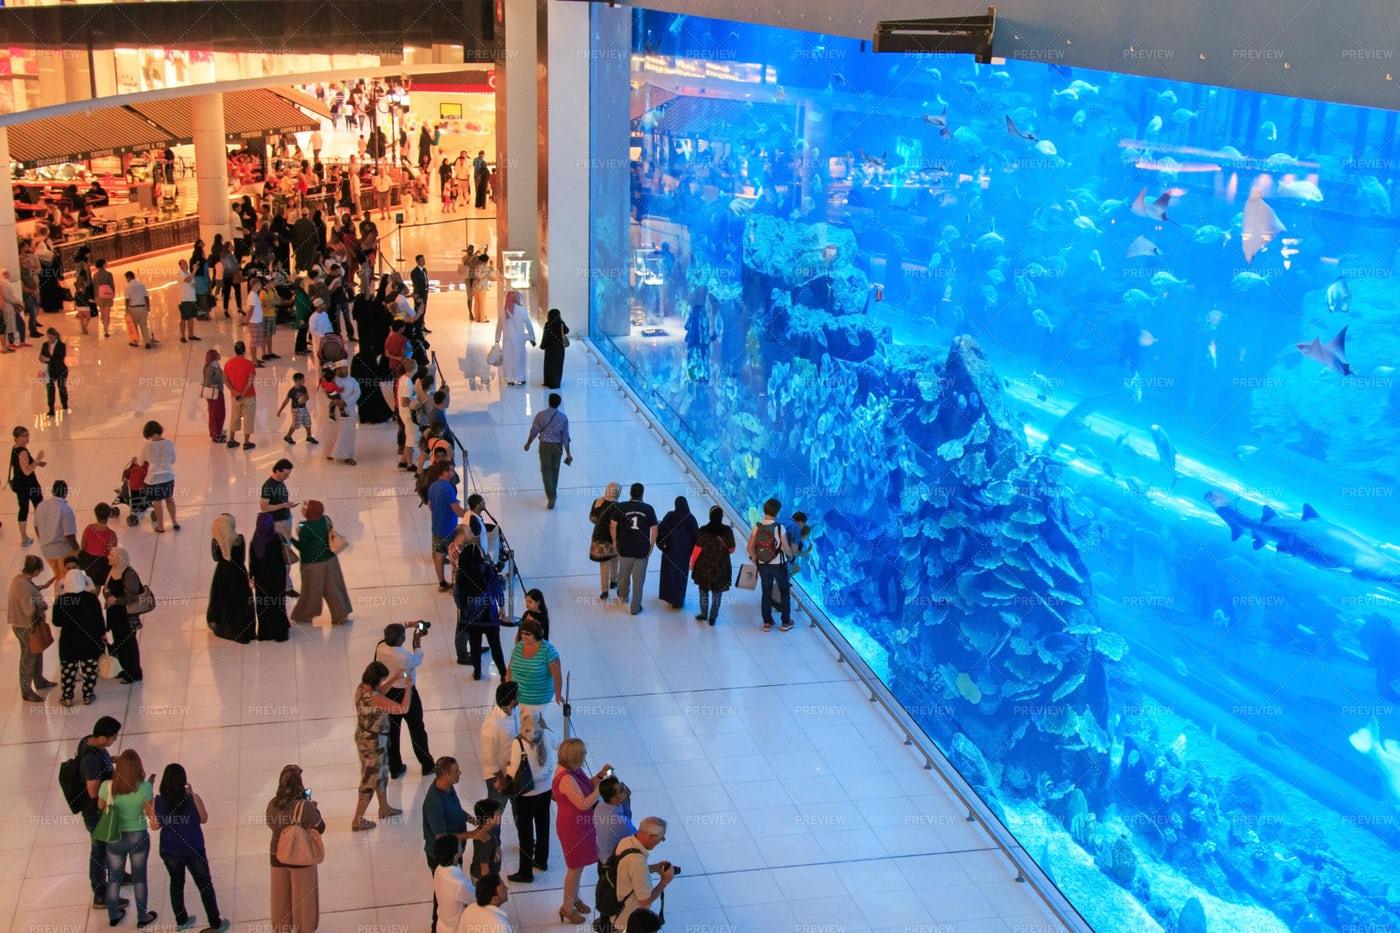 Aquarium In Dubai Mall: Stock Photos